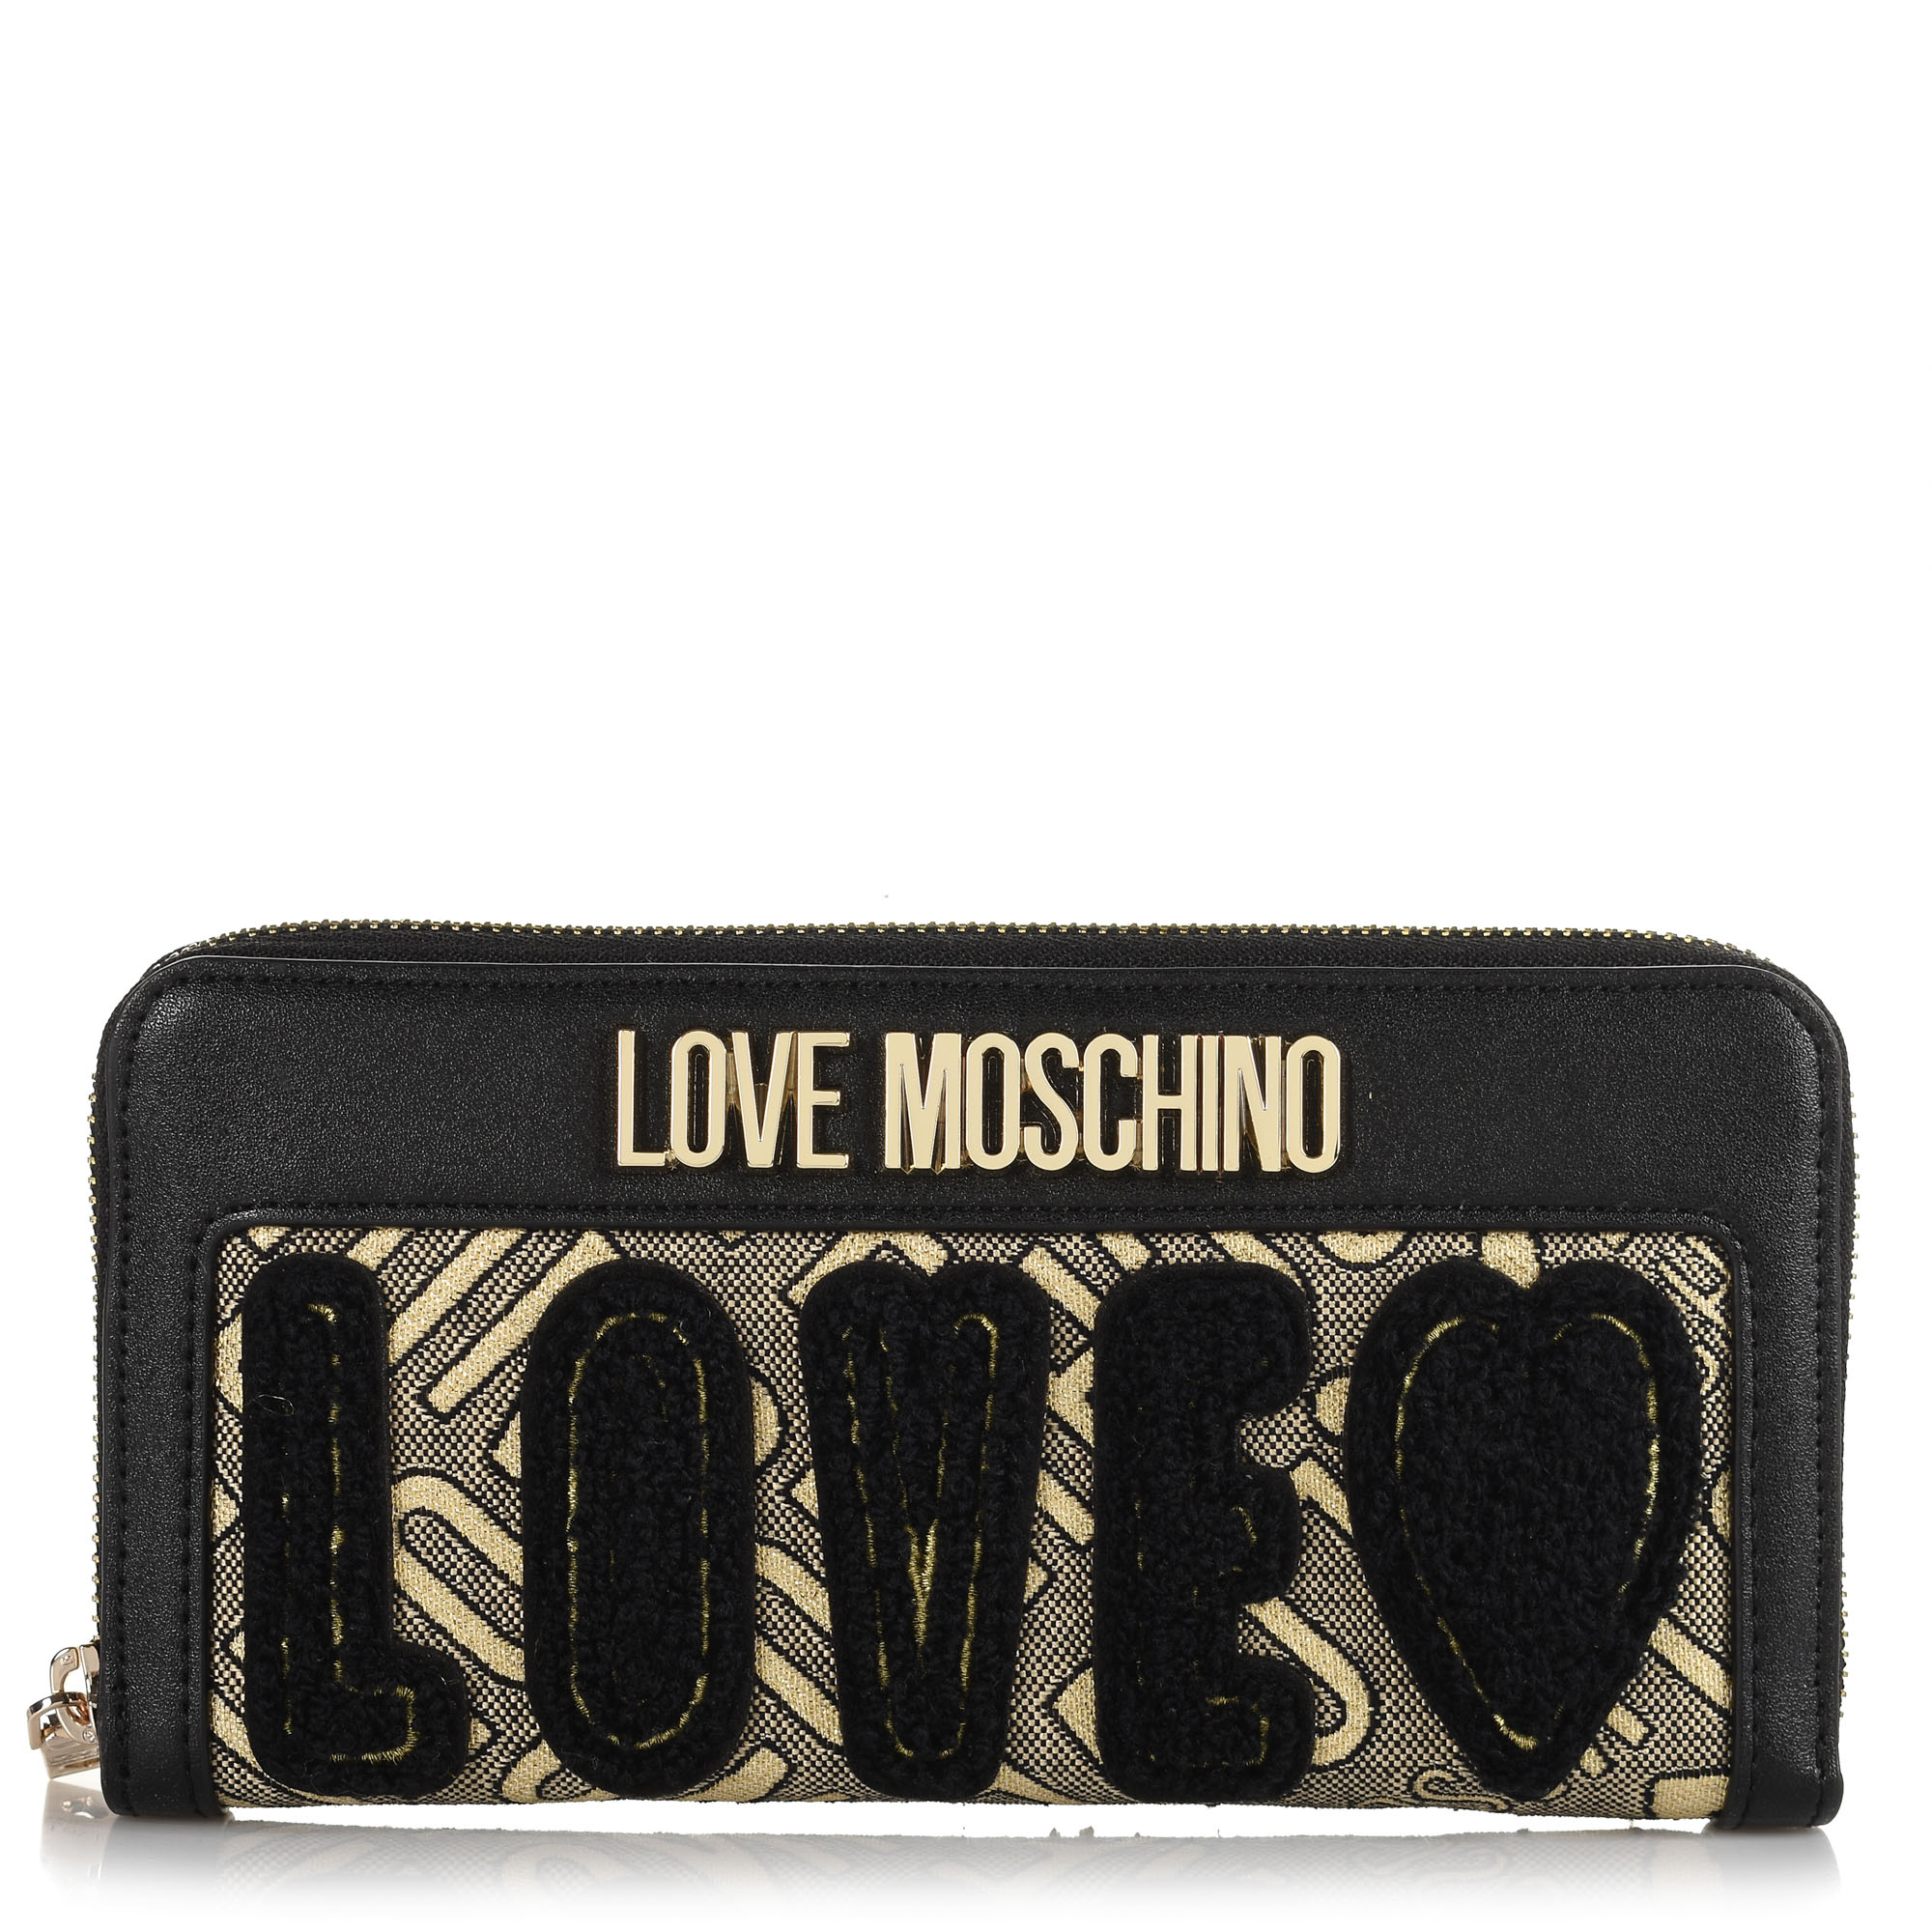 Πορτοφόλι Κασετίνα Love Moschino Jacquard Gold + Calf JC5604PP18LB